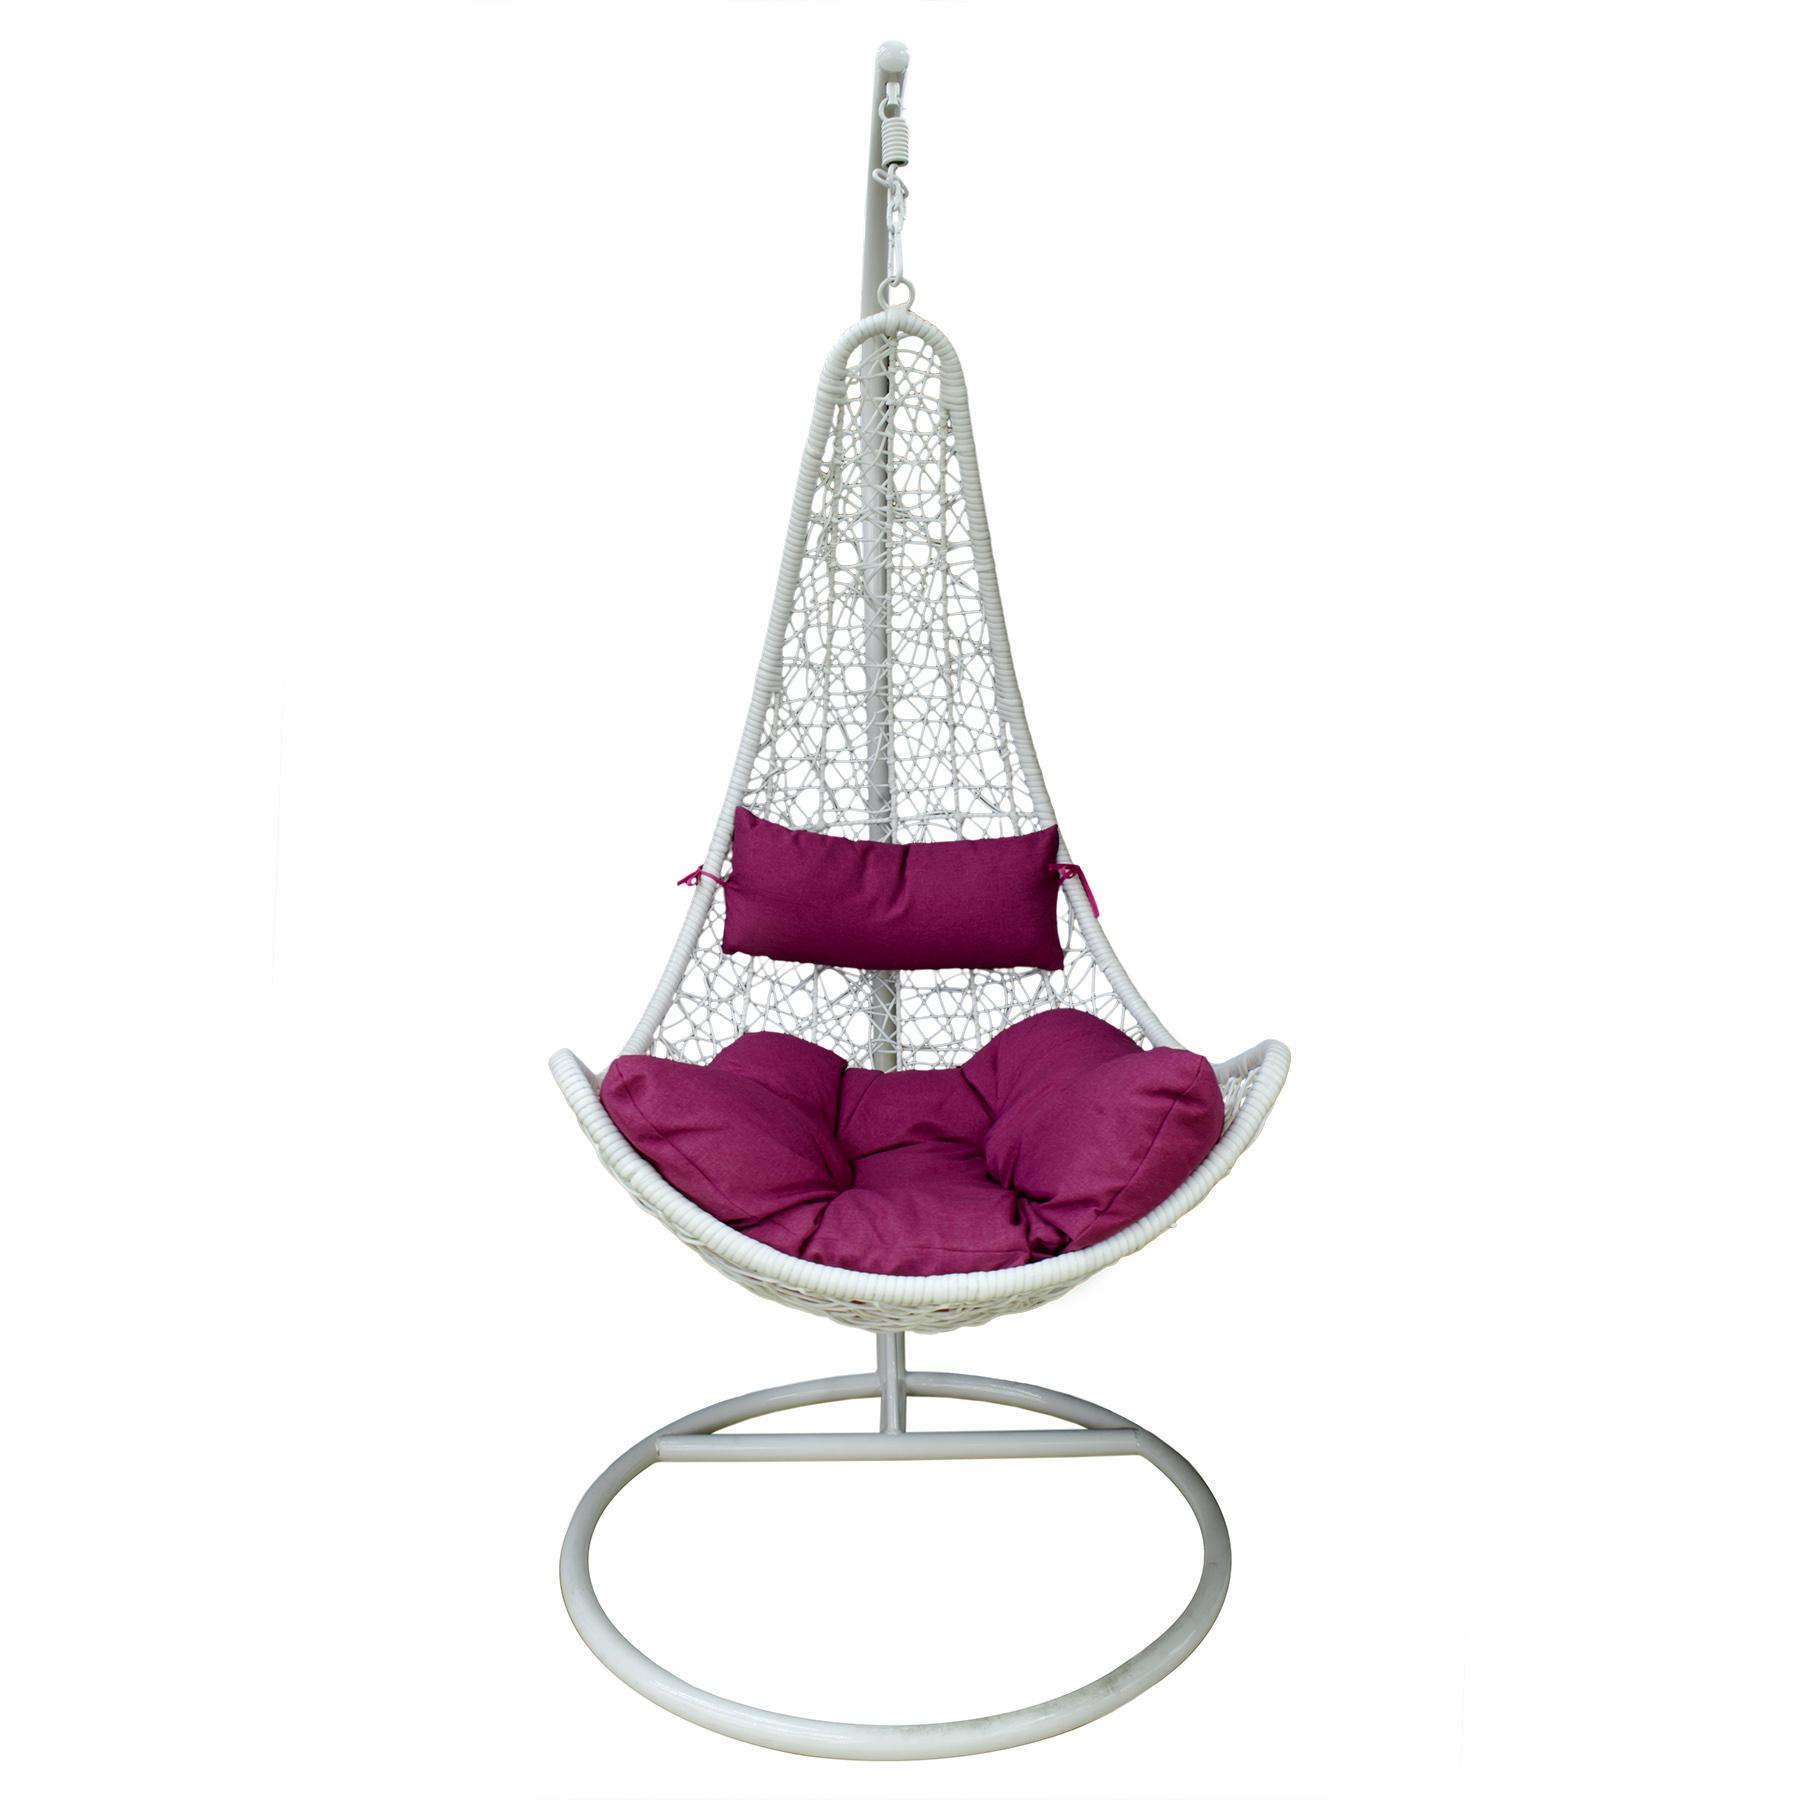 Гамак подвесной белый Art and craft furniture (D0320A)